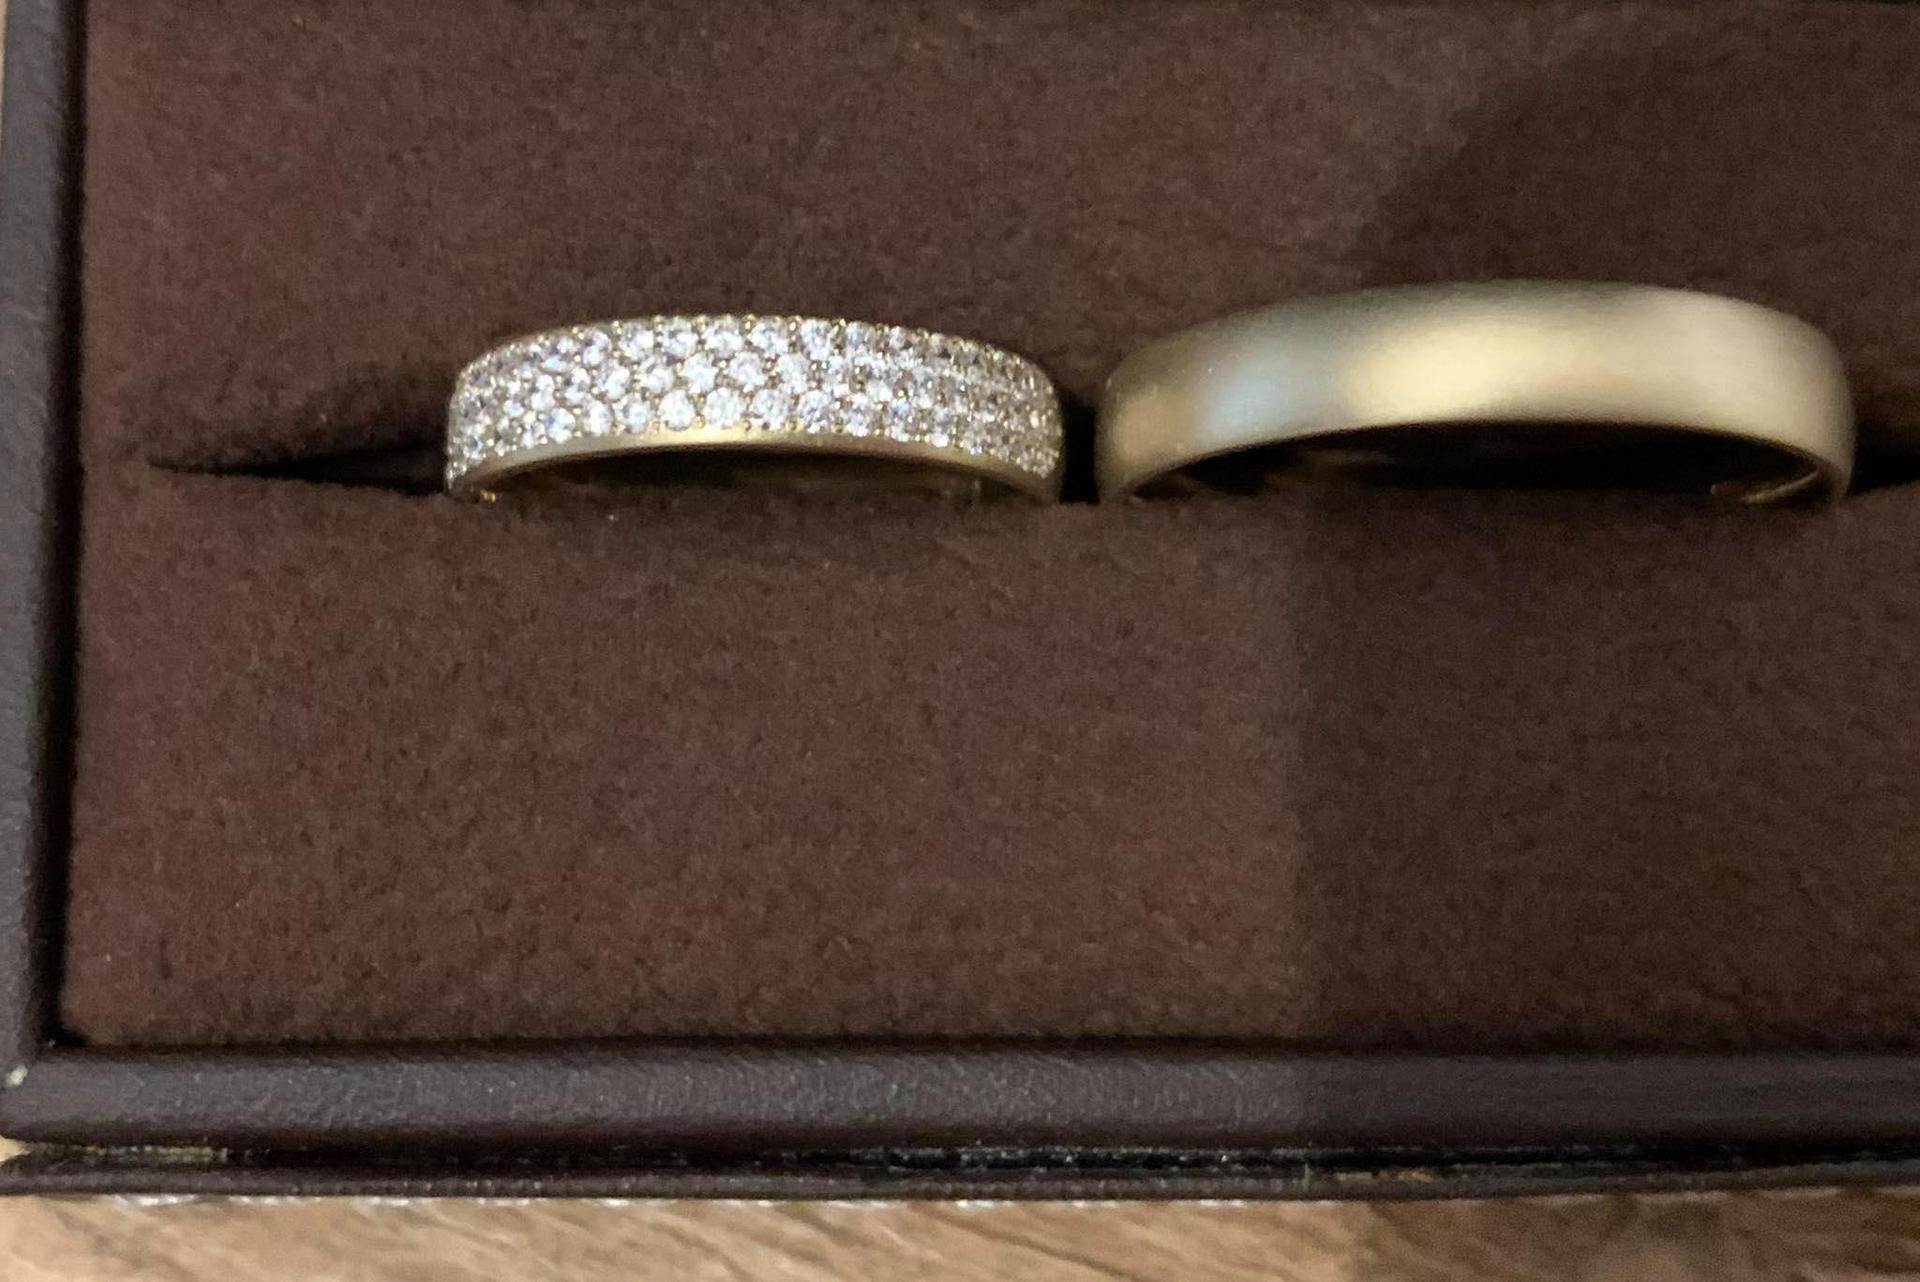 Svadba na druhý pokus - alebo človek mieni, korona mení :) - Obrázok č. 3